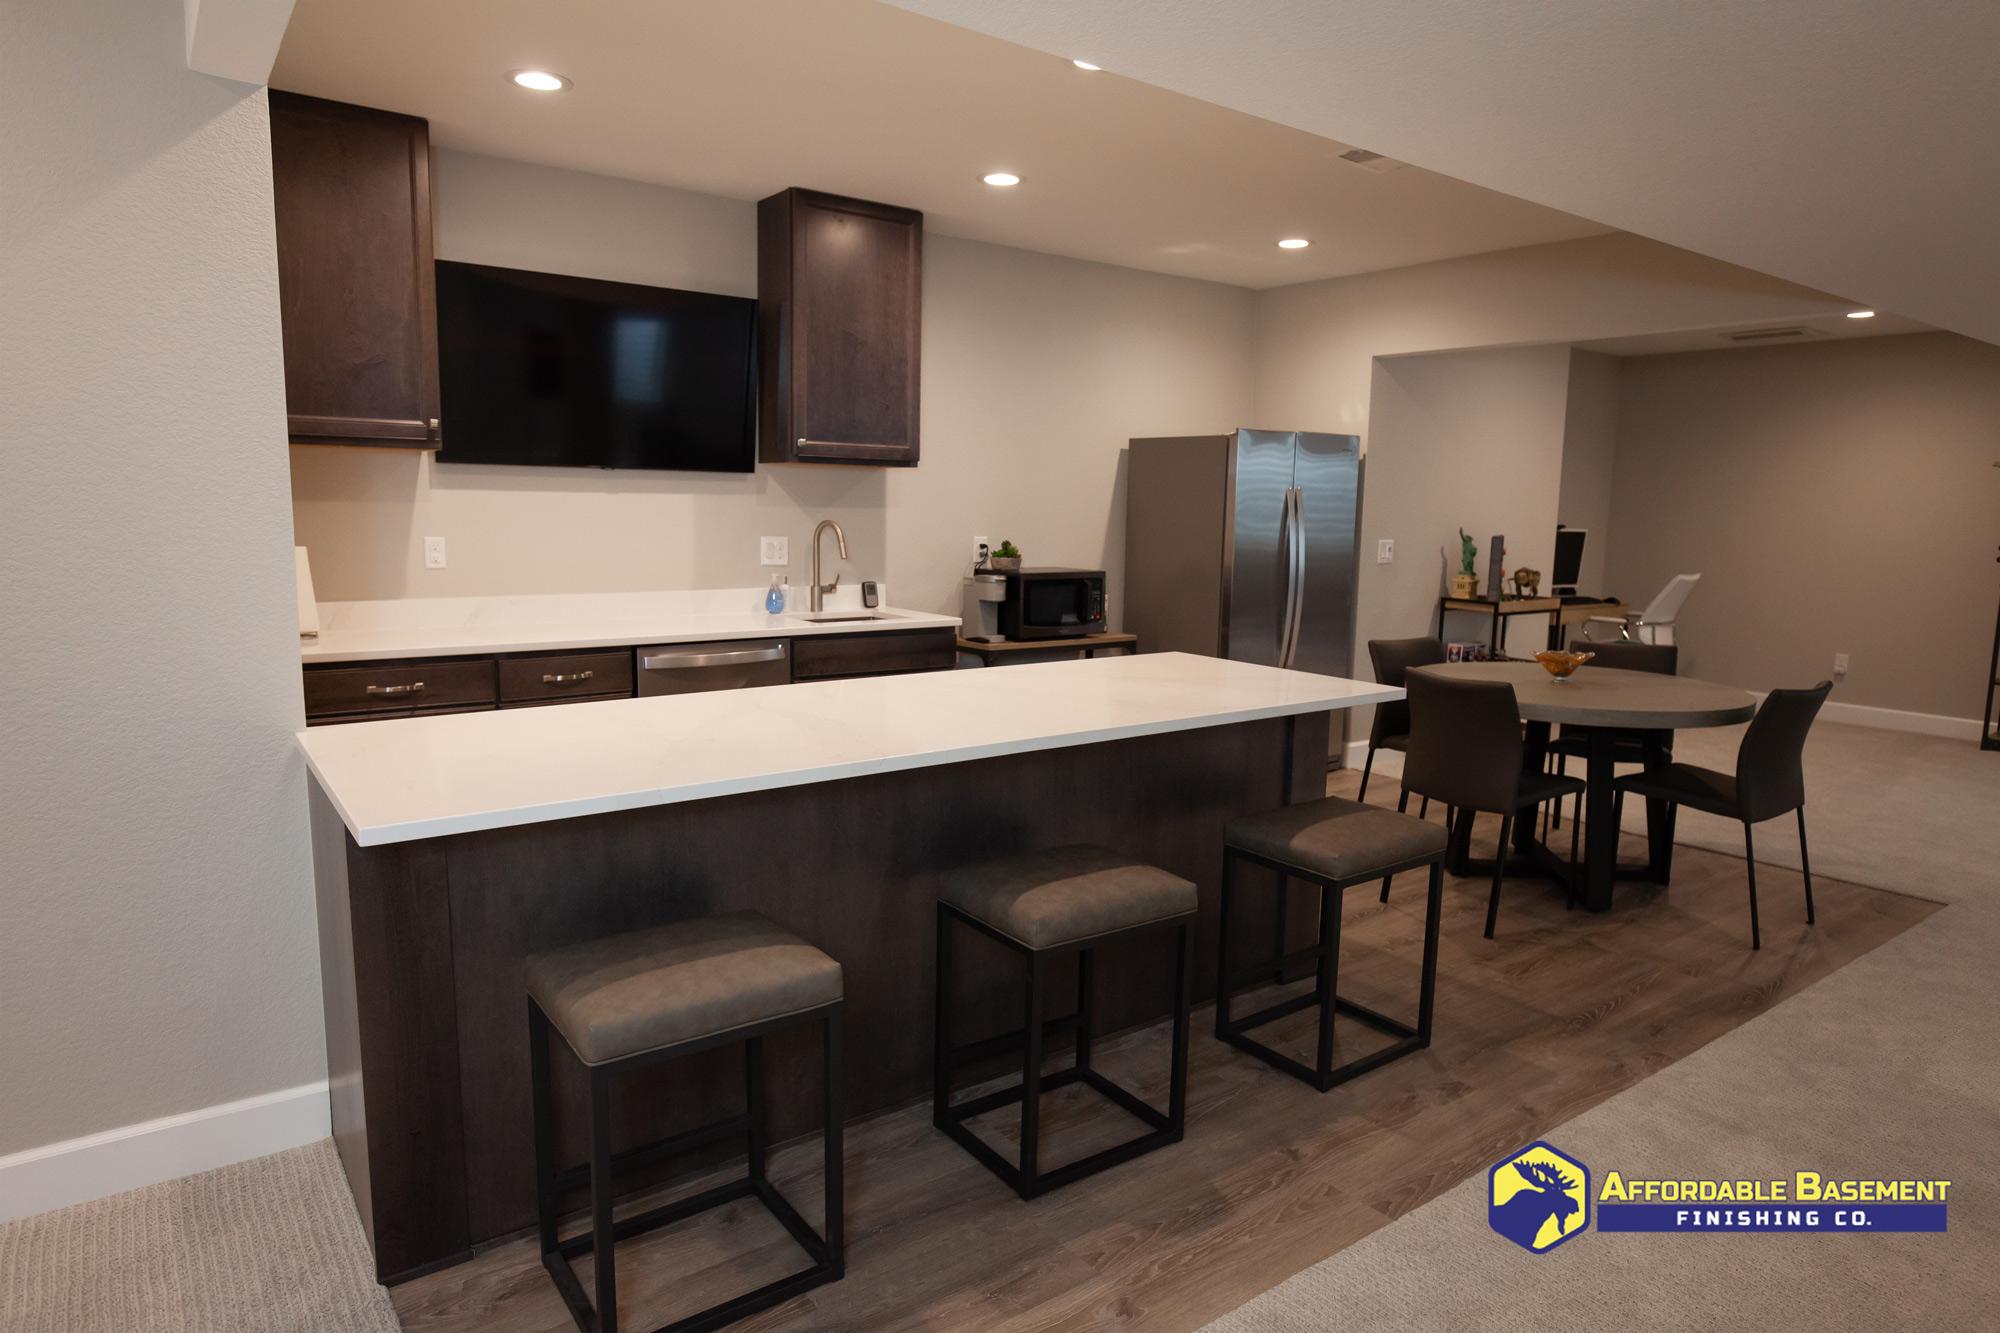 2020 Basement Remodel Remodel - Denver Basement Finishing and Remodeling